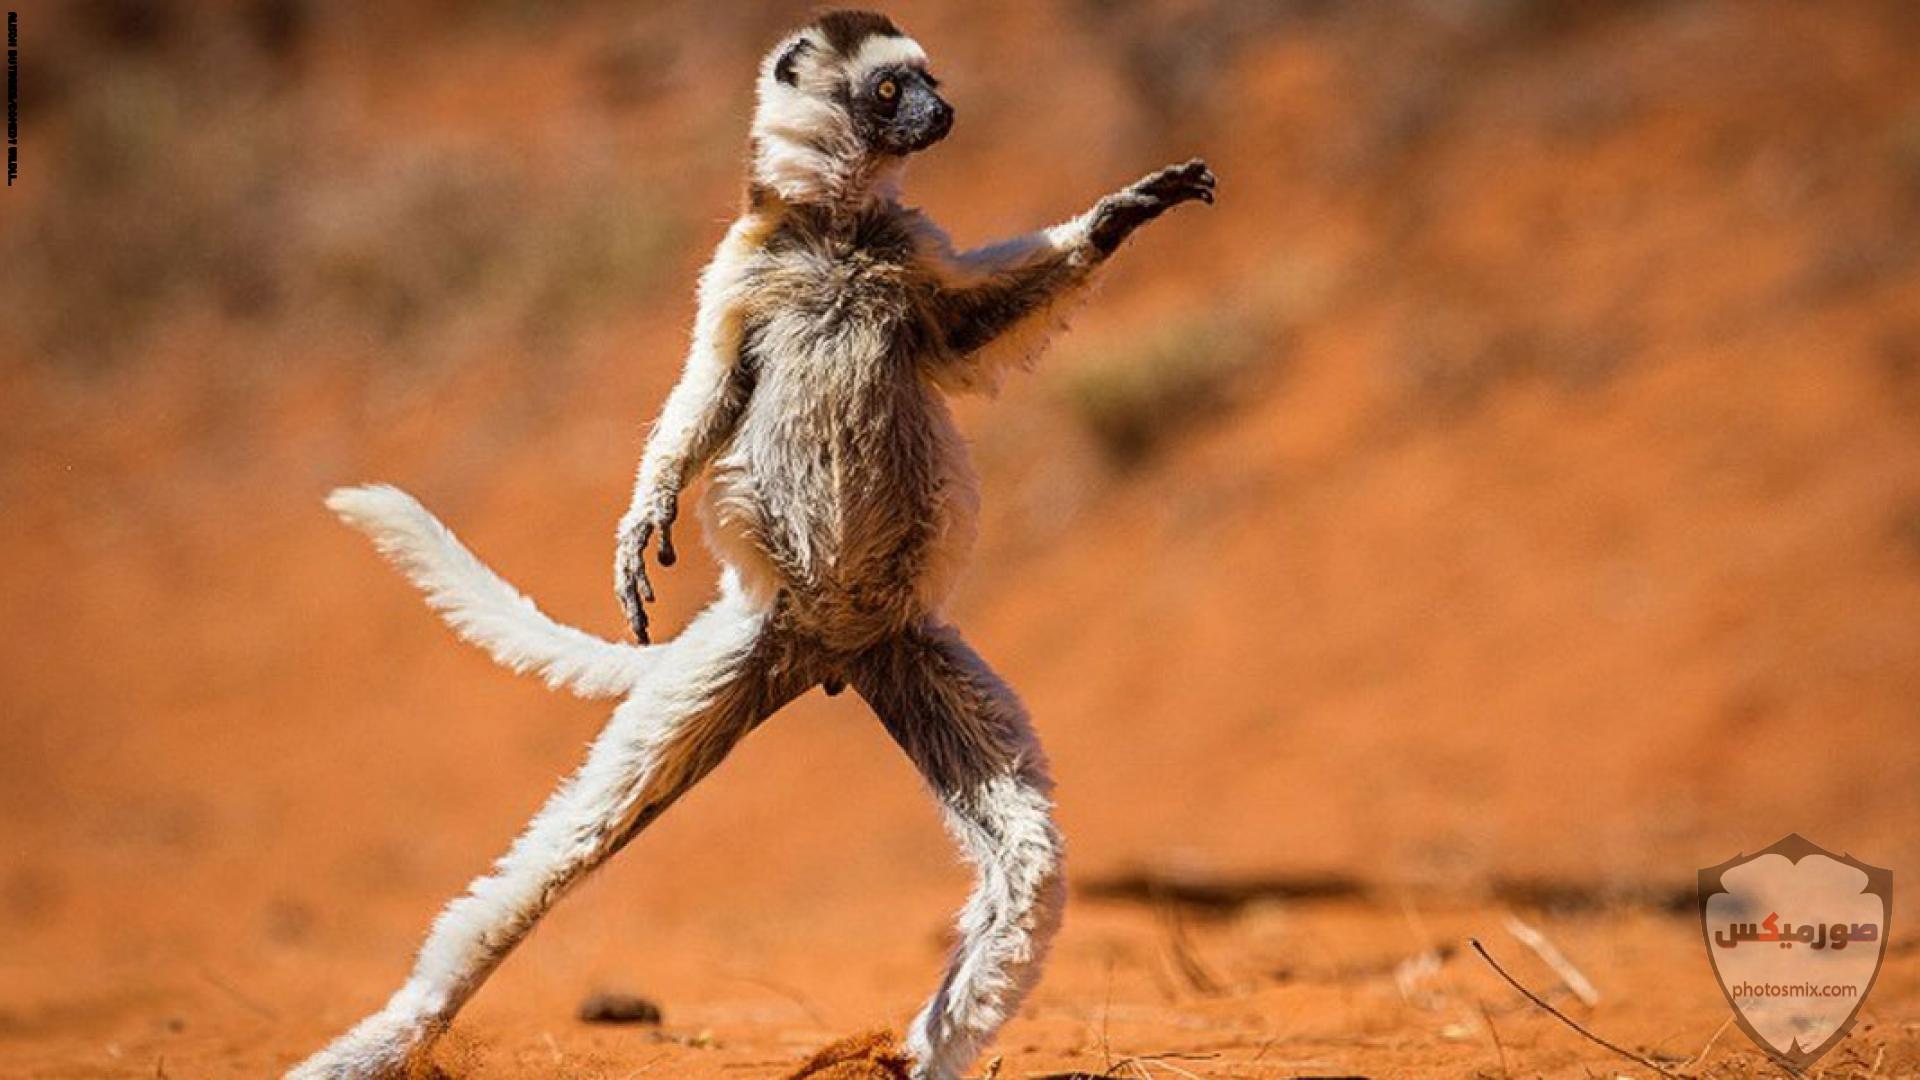 صور حيوانات مضحكة فيديوهات حيوانات مضحكة جدا 2020 33